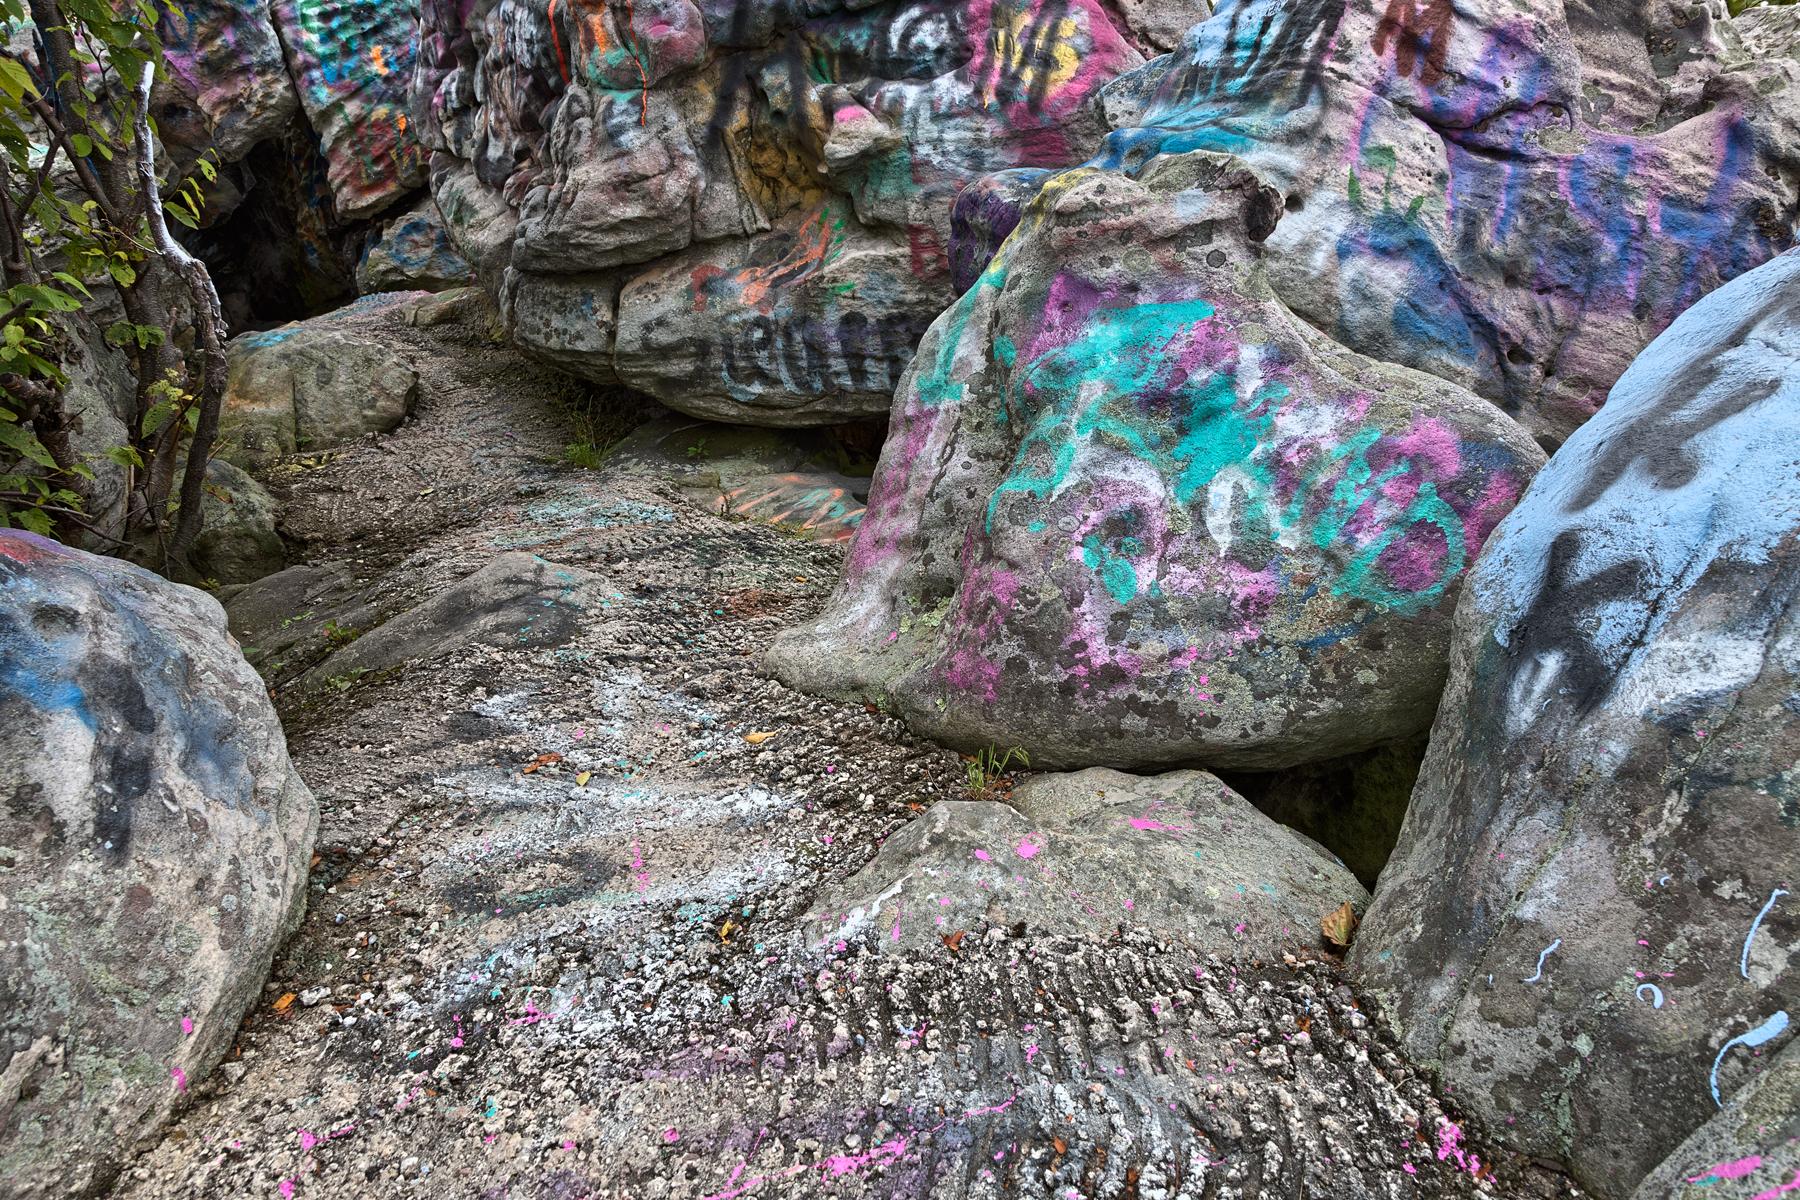 Dans vibrant rock - hdr photo